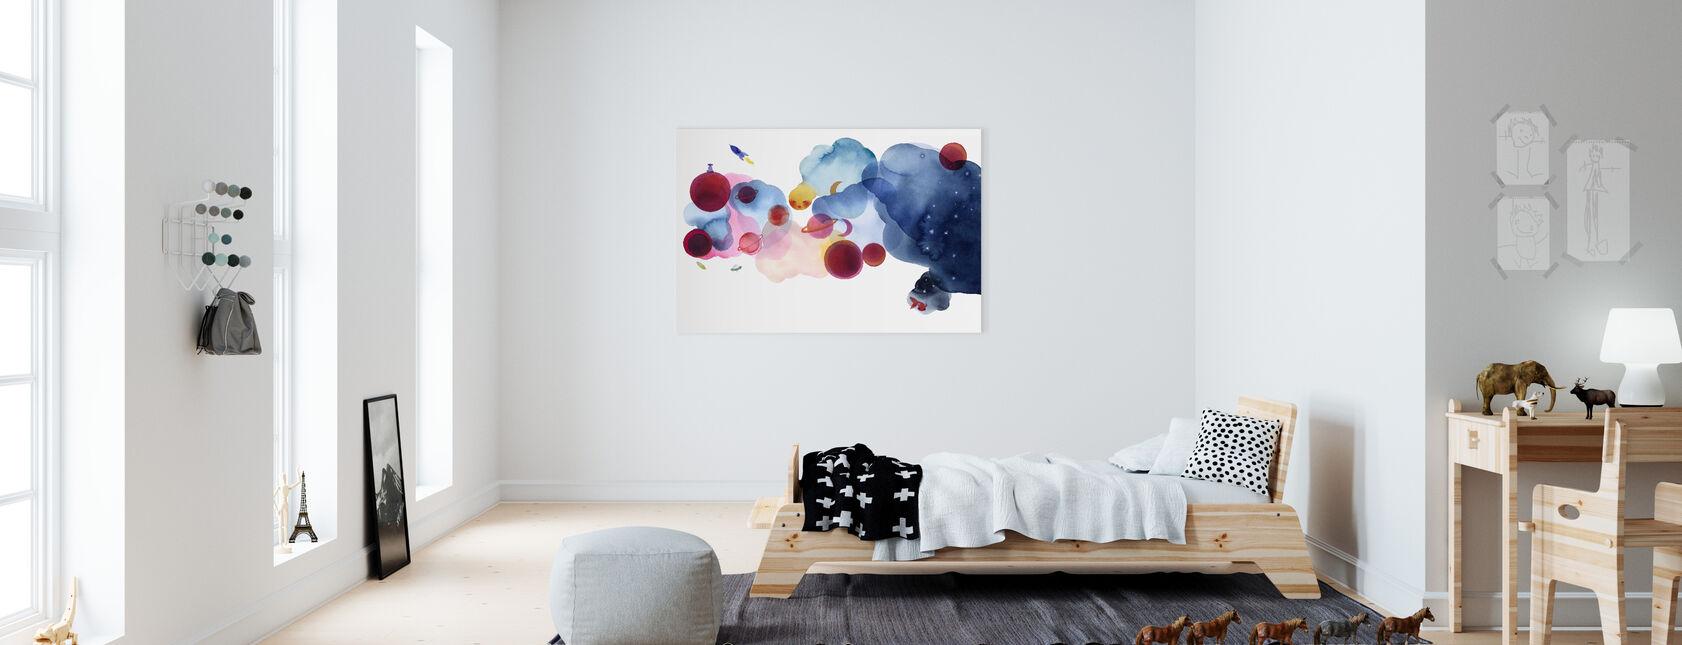 Vattenfärg Space I - Canvastavla - Barnrum